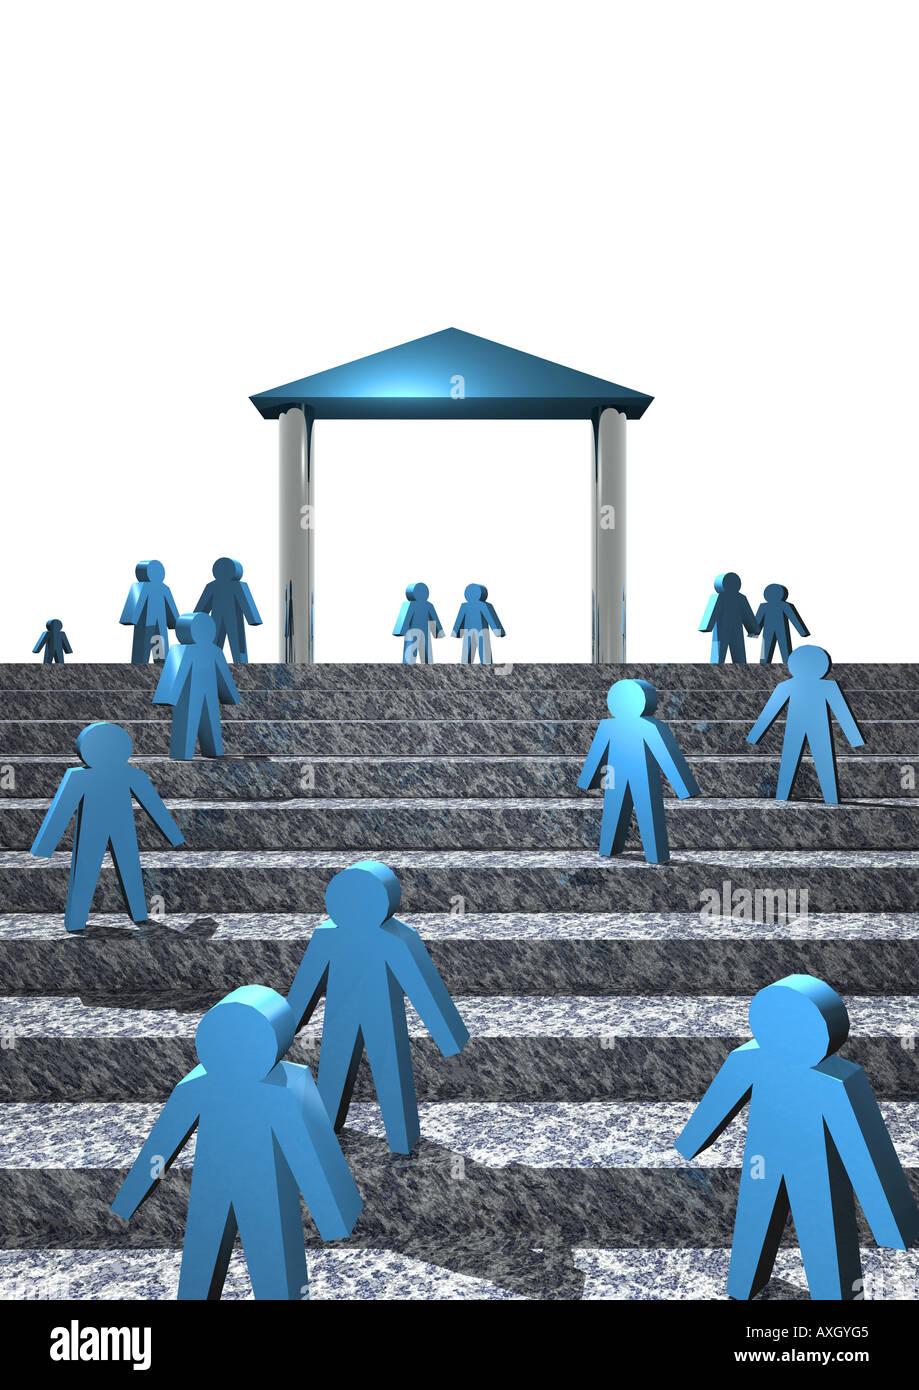 Gebäude und Personen auf Treppe People on stairways in front of a building - Stock Image